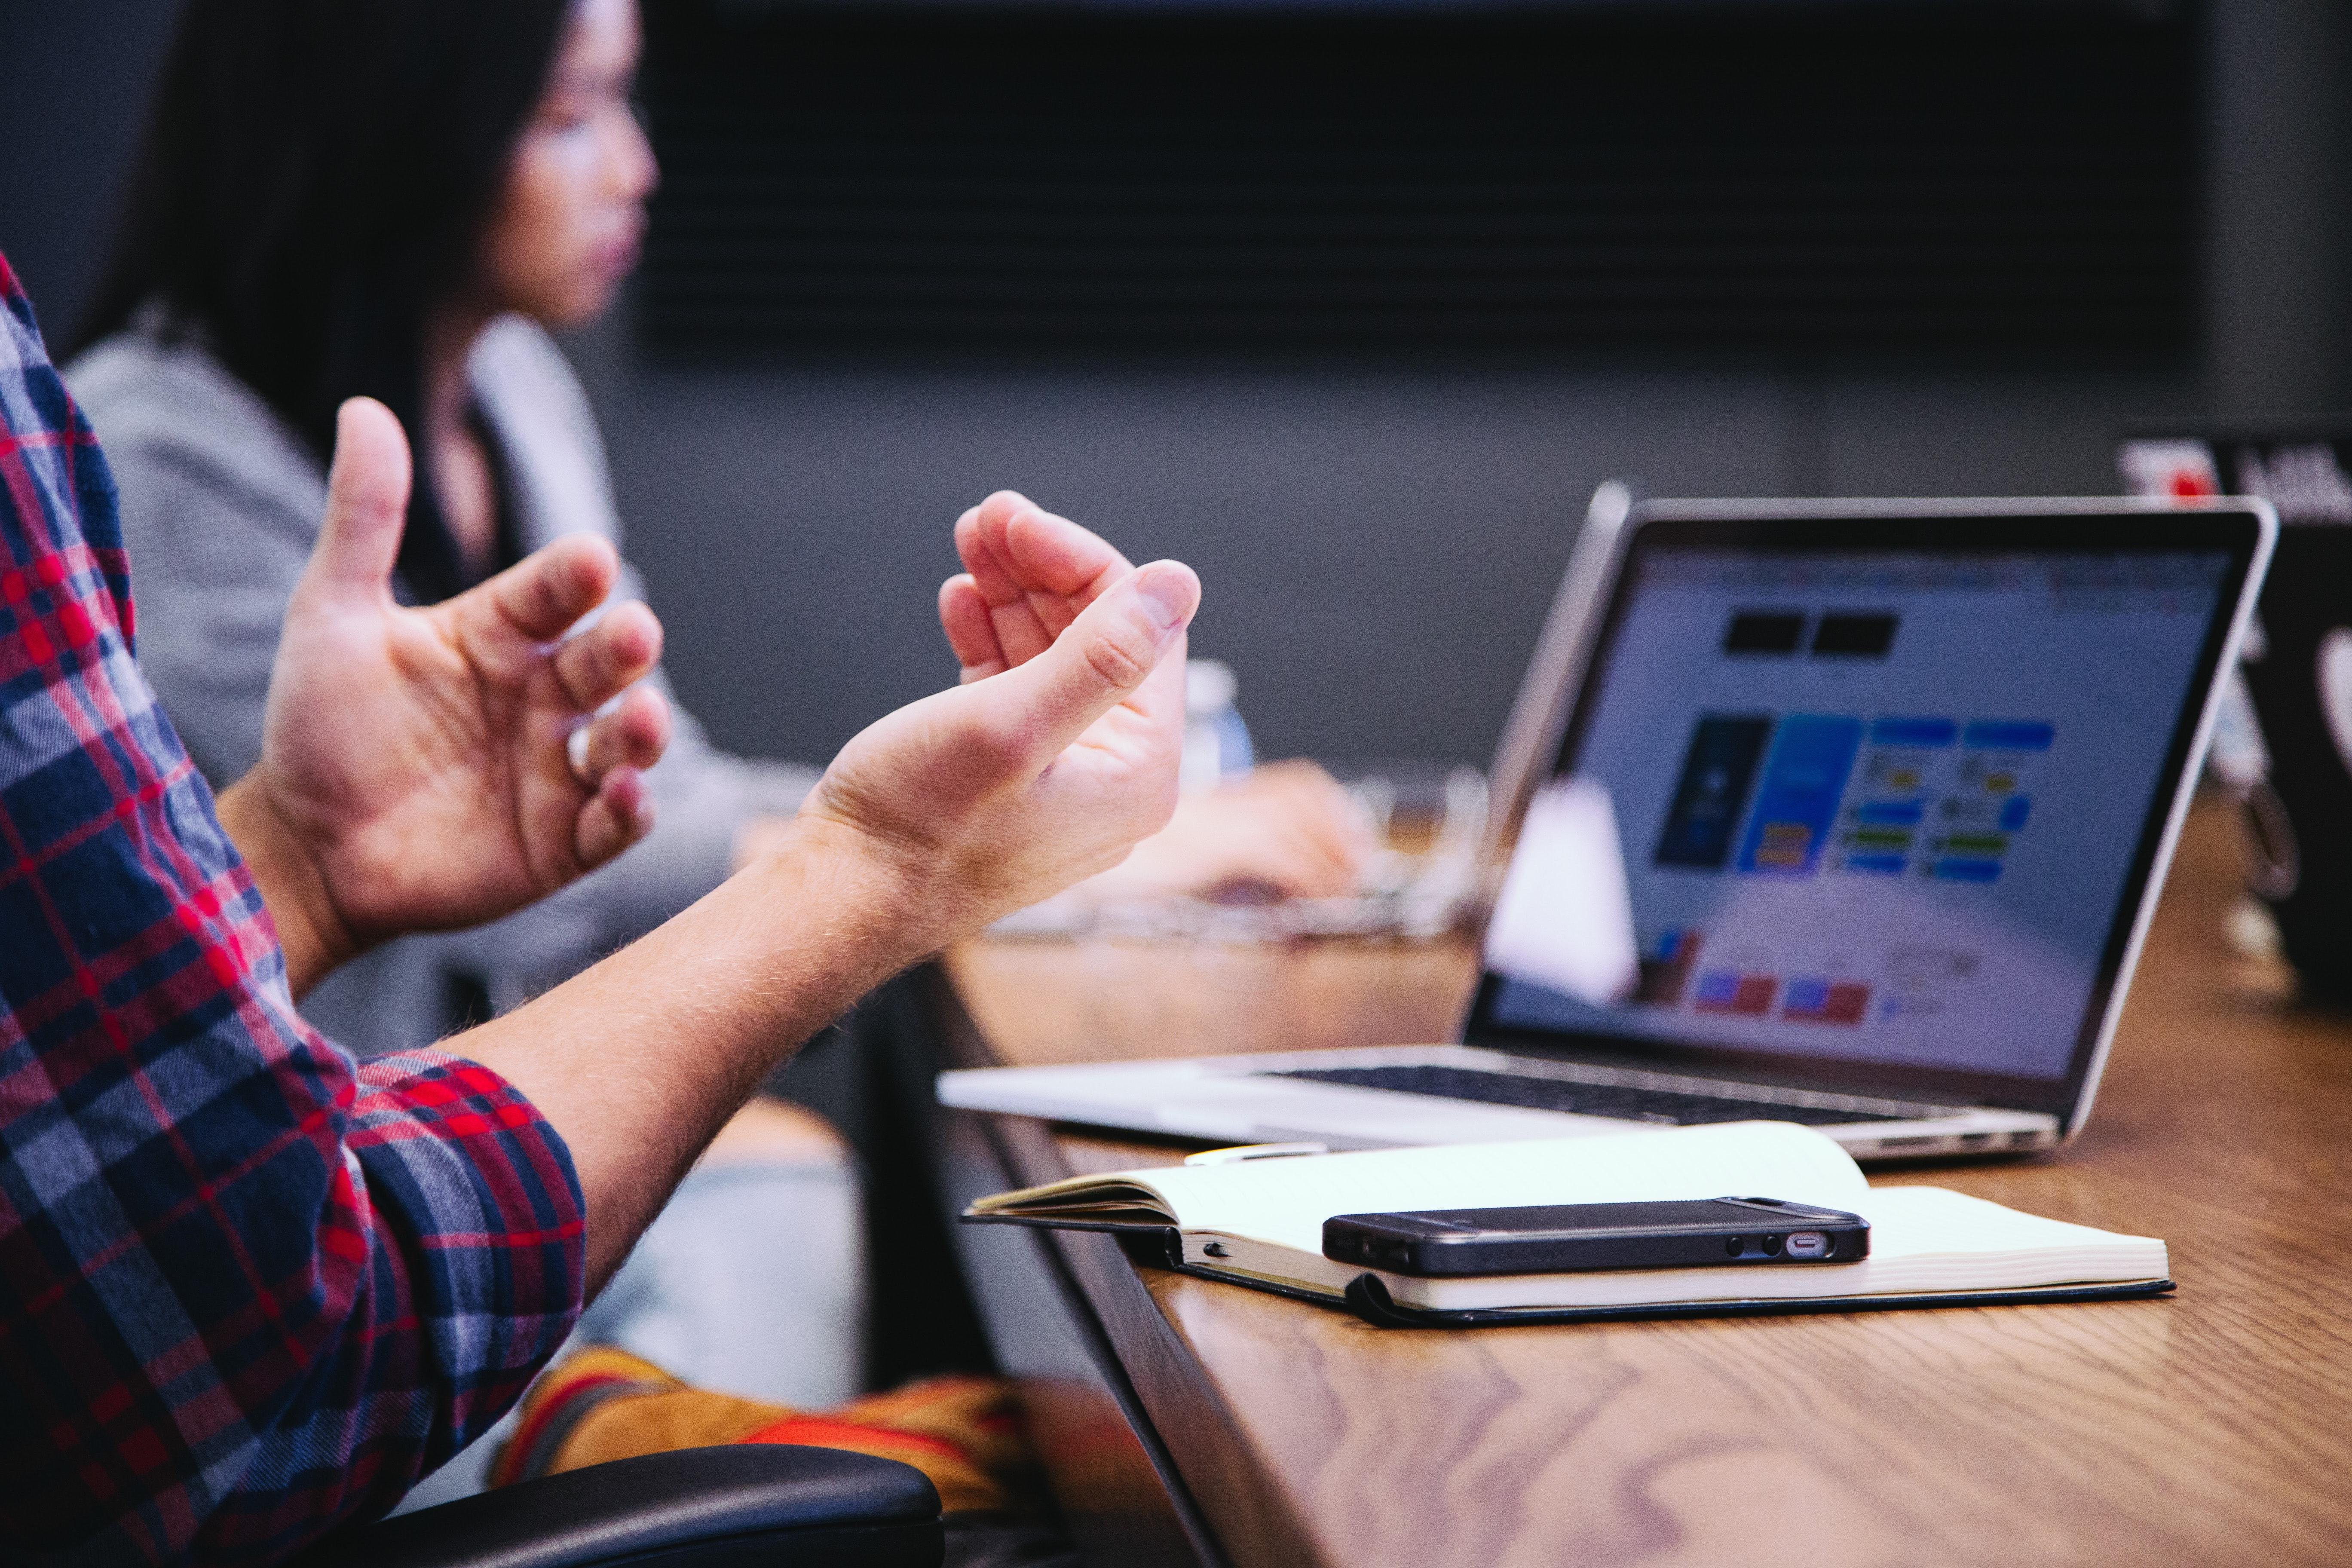 Come cambia la digital experience nelle nuove generazioni